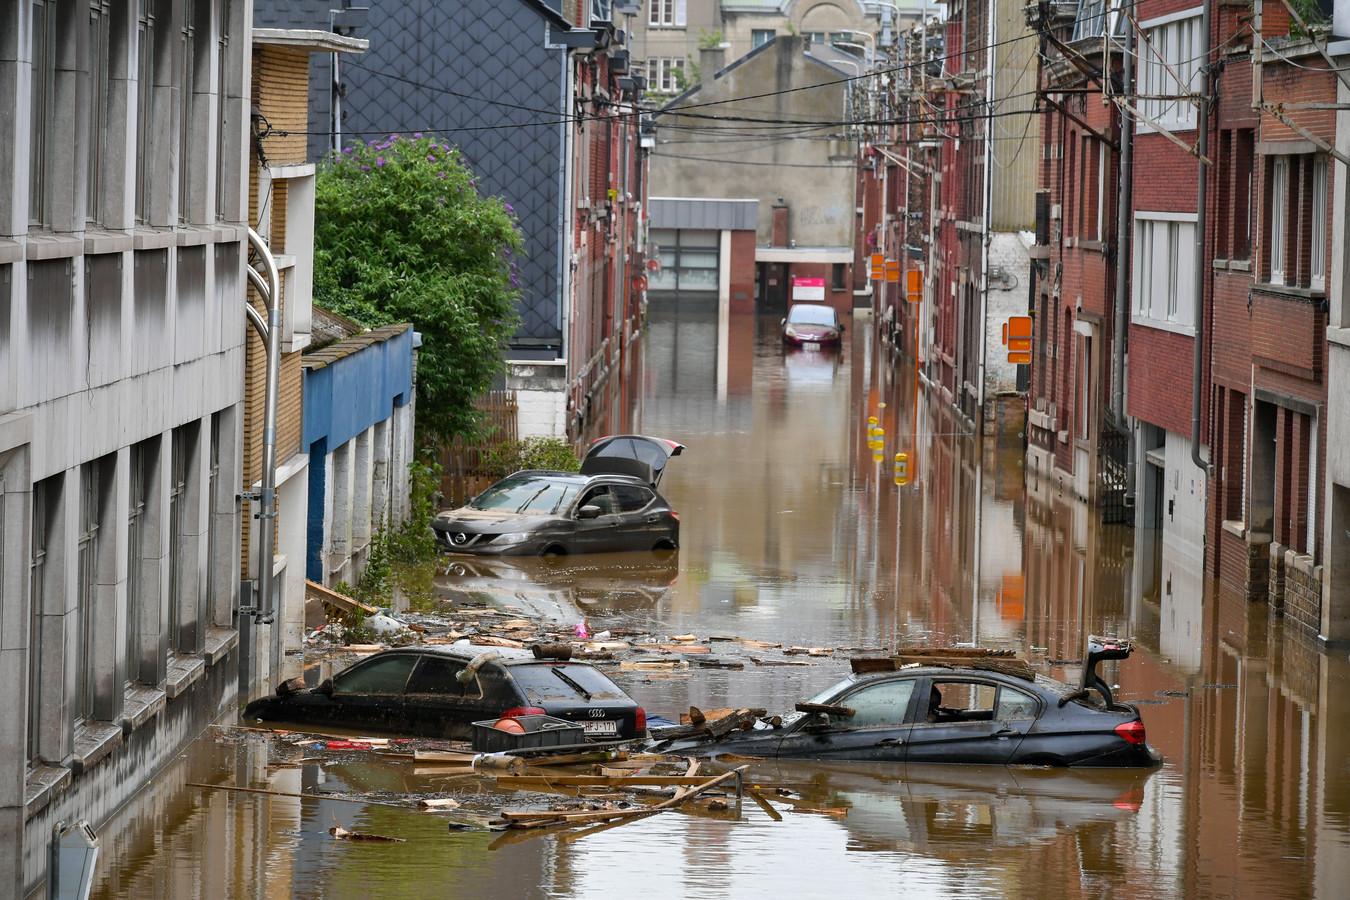 Dégâts causés par les inondations à Liège après les fortes pluies de ces derniers jours, vendredi 16 juillet 2021.